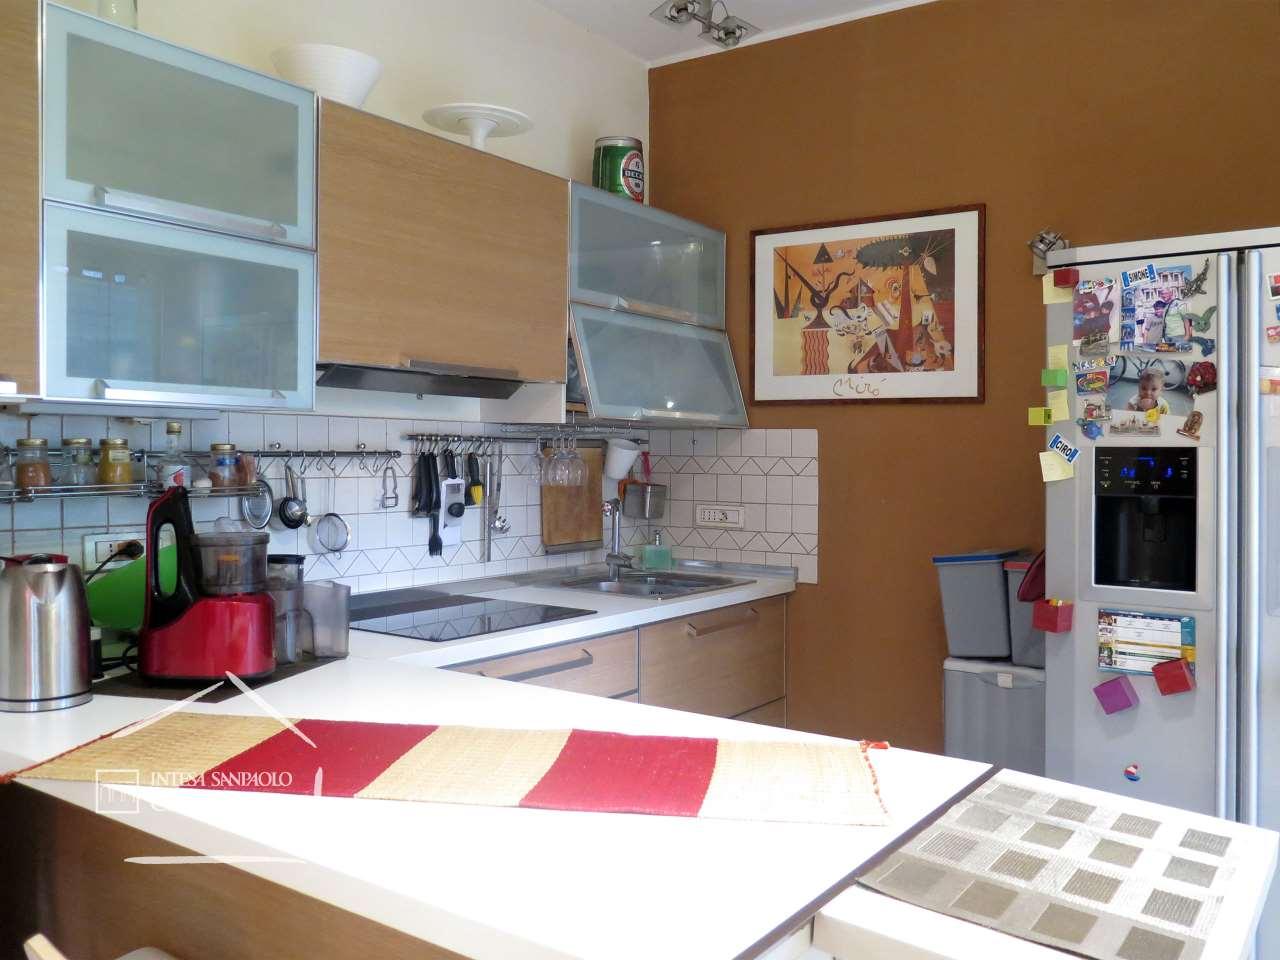 Appartamento in Vendita a Napoli: 4 locali, 121 mq - Foto 7